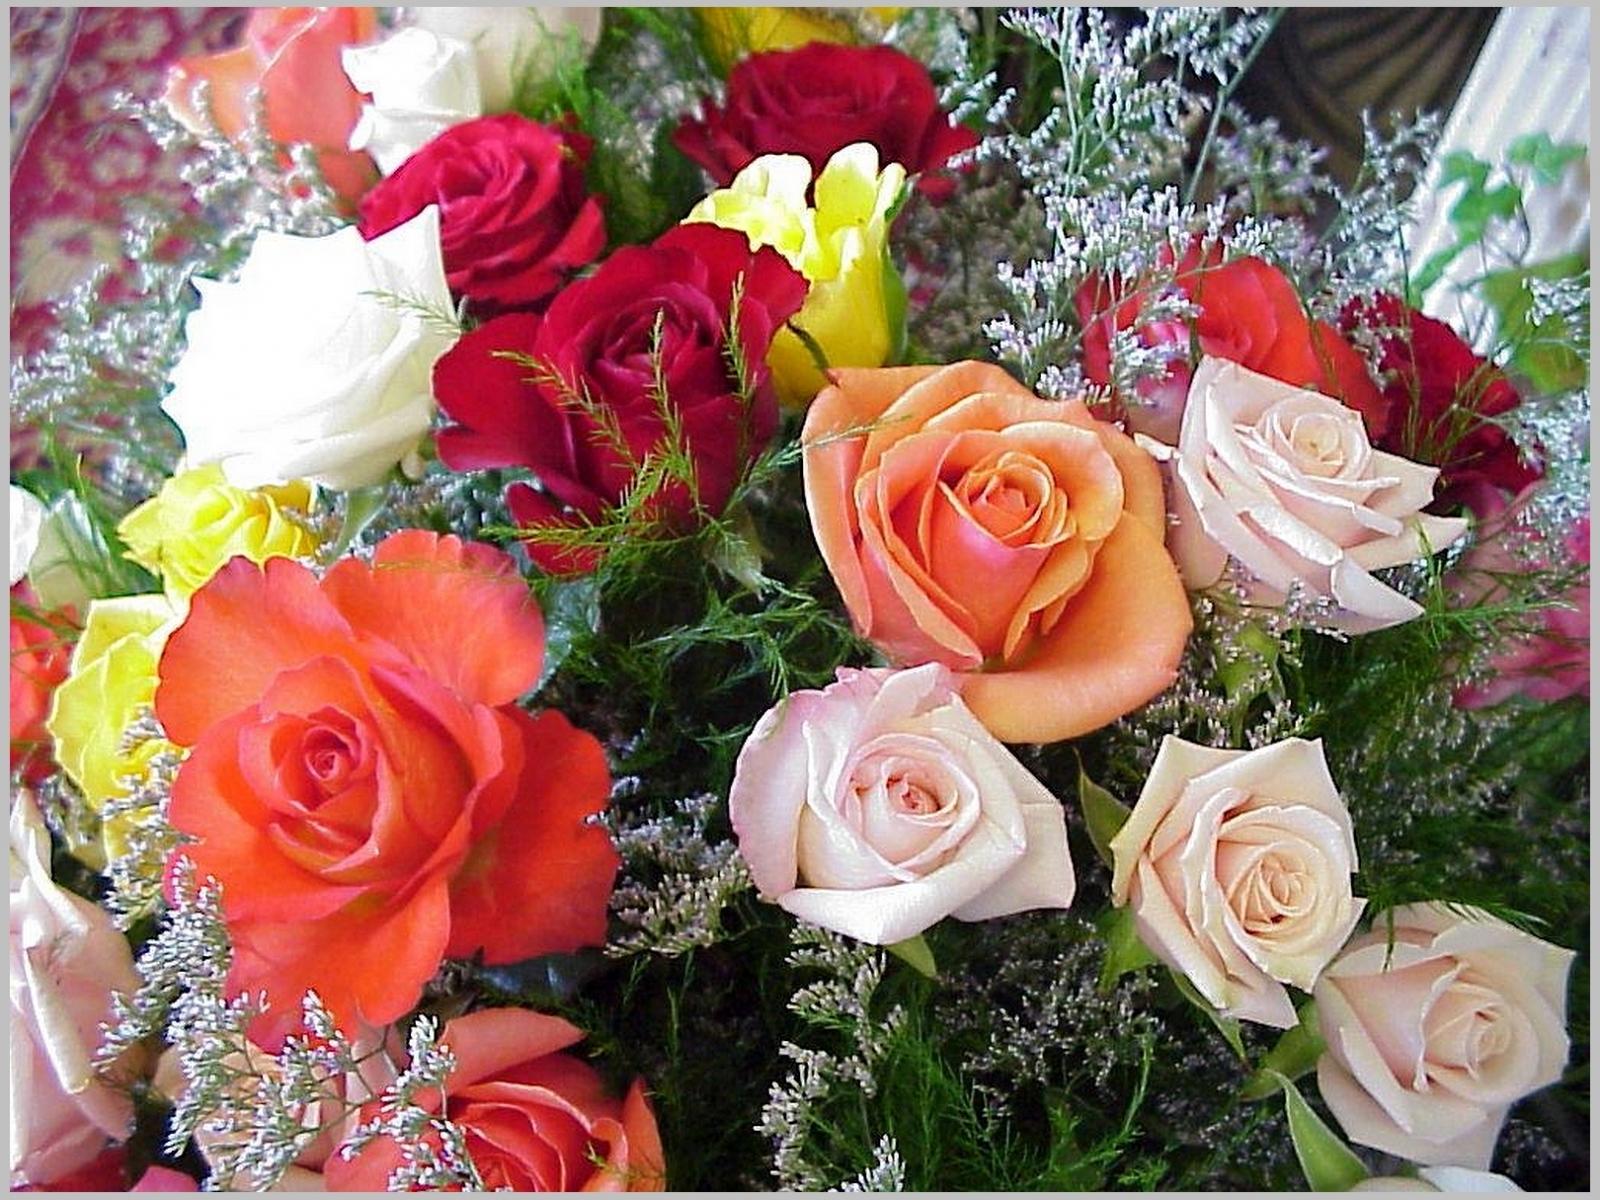 7348 скачать обои Праздники, Растения, Цветы, Розы, 8 Марта - заставки и картинки бесплатно